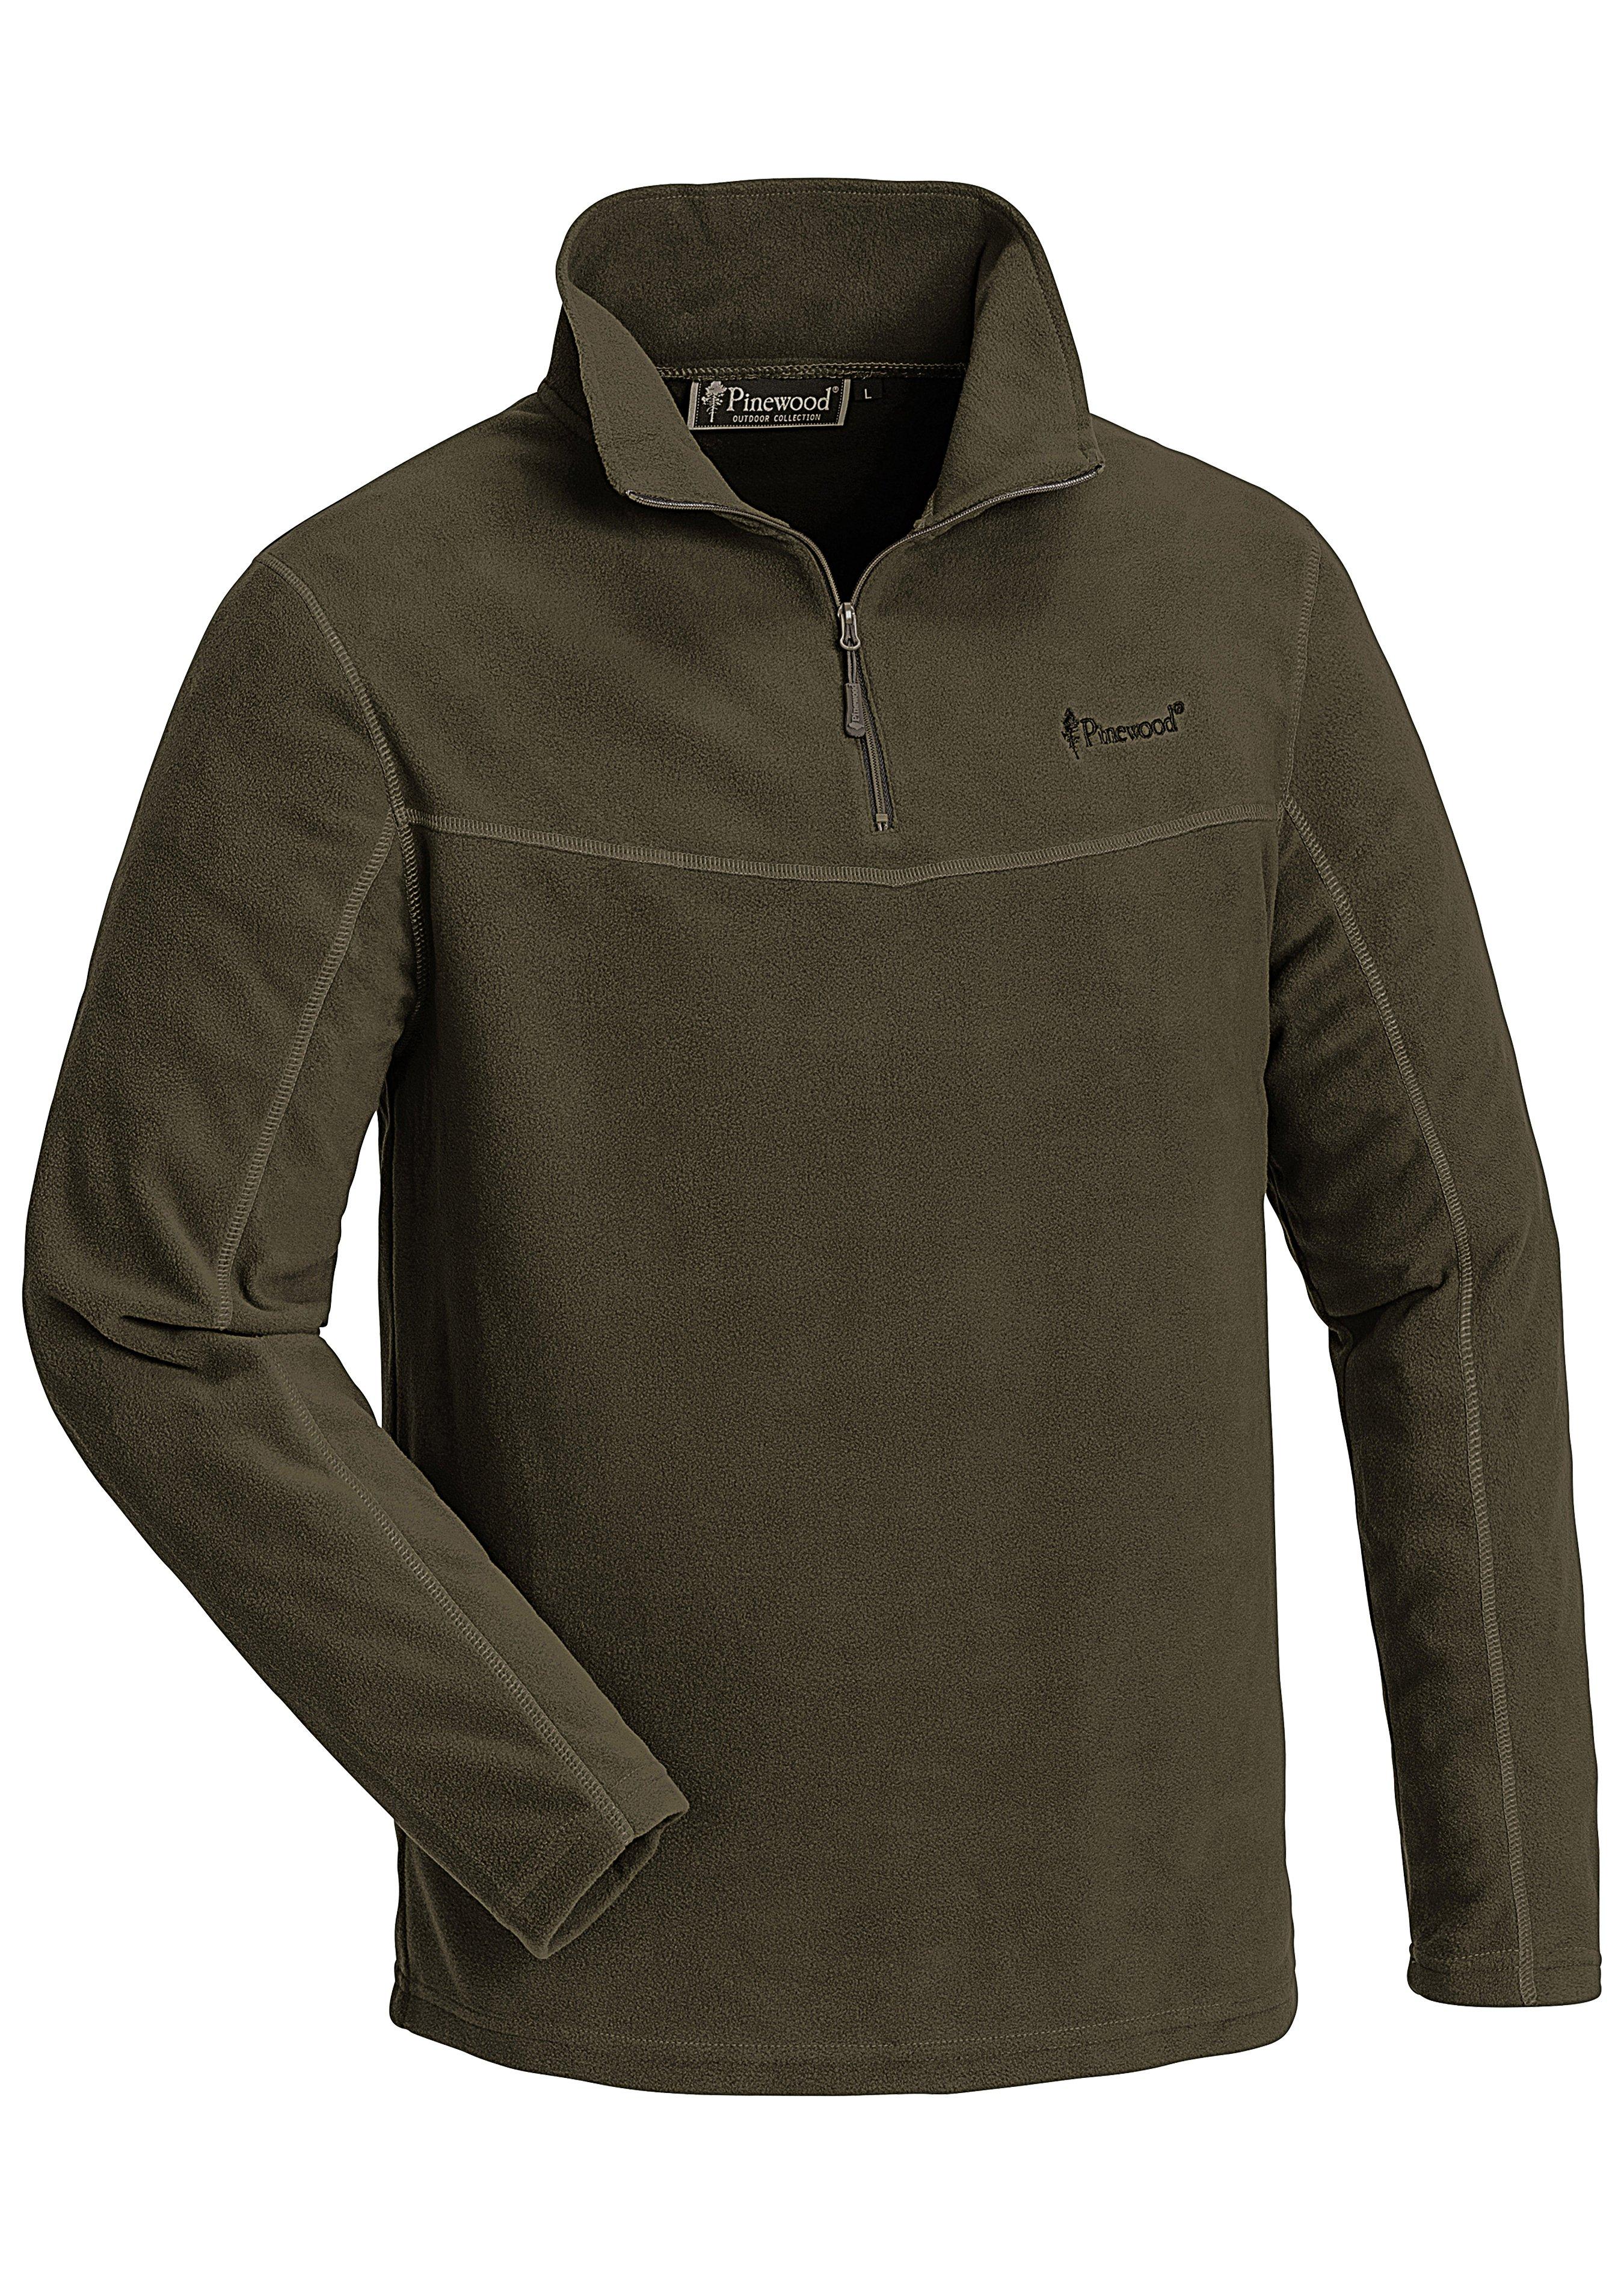 Shirt thermique polaire Tiveden 239124L 1